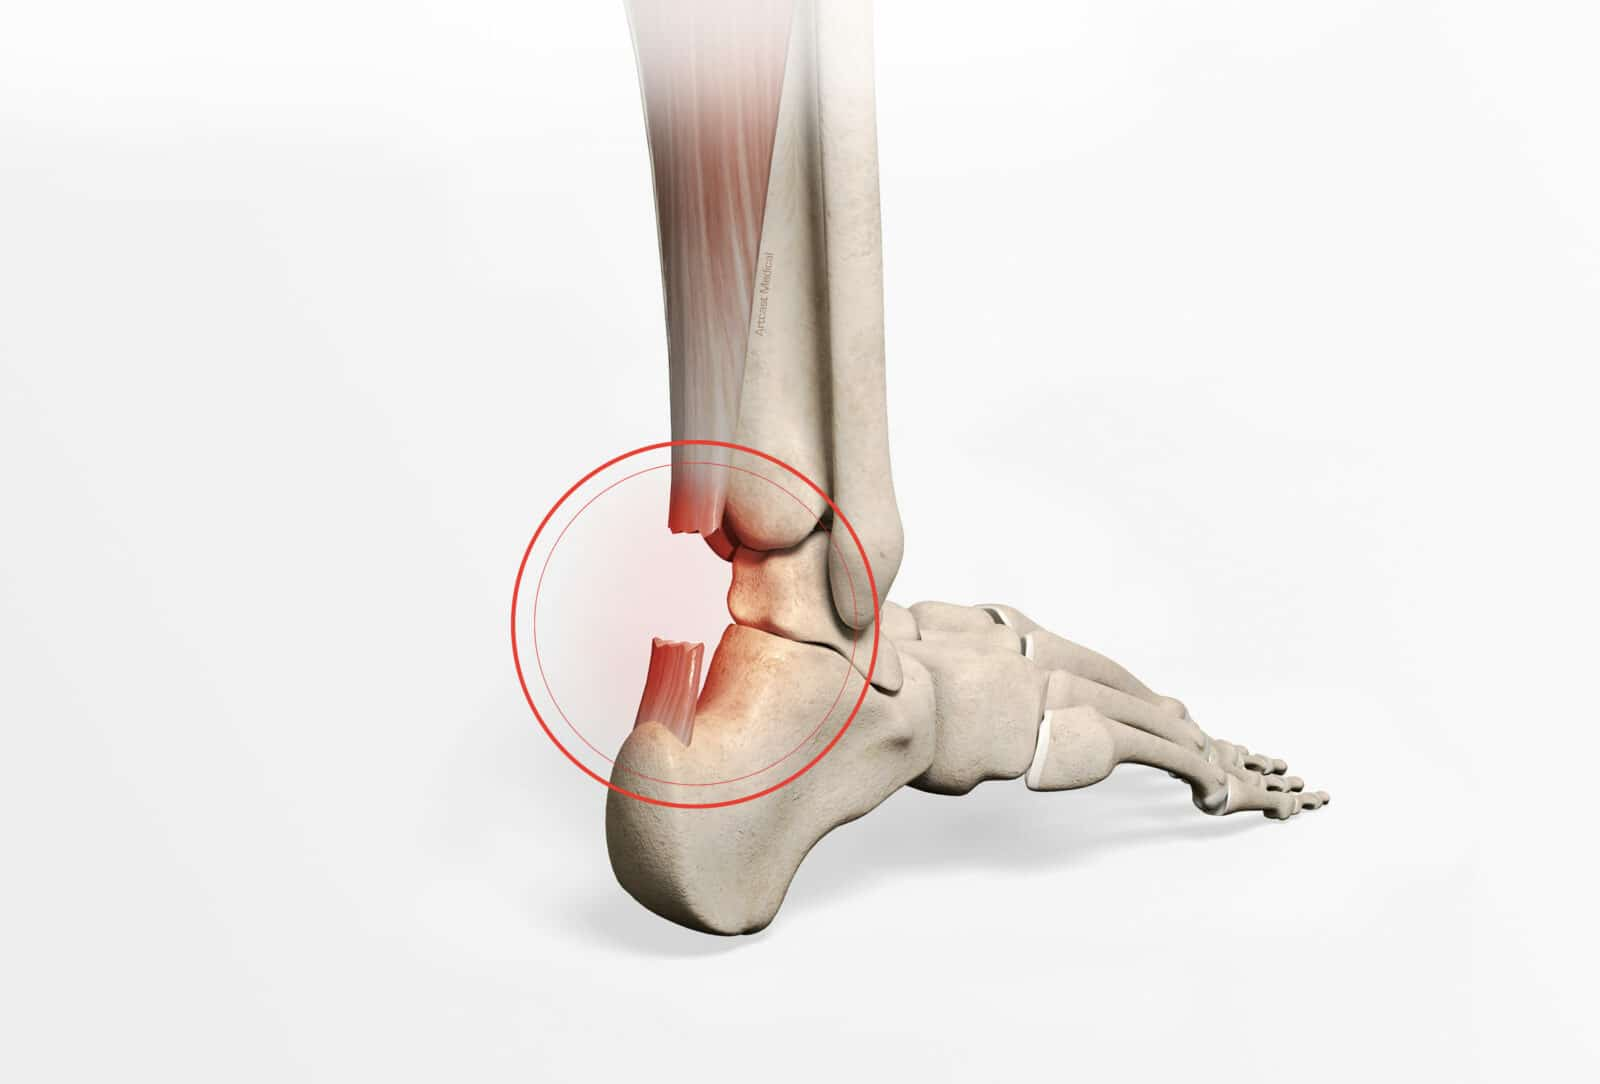 Chirurgie de la cheville à Paris: Peignage du tendon d'Achille - dr Paillard